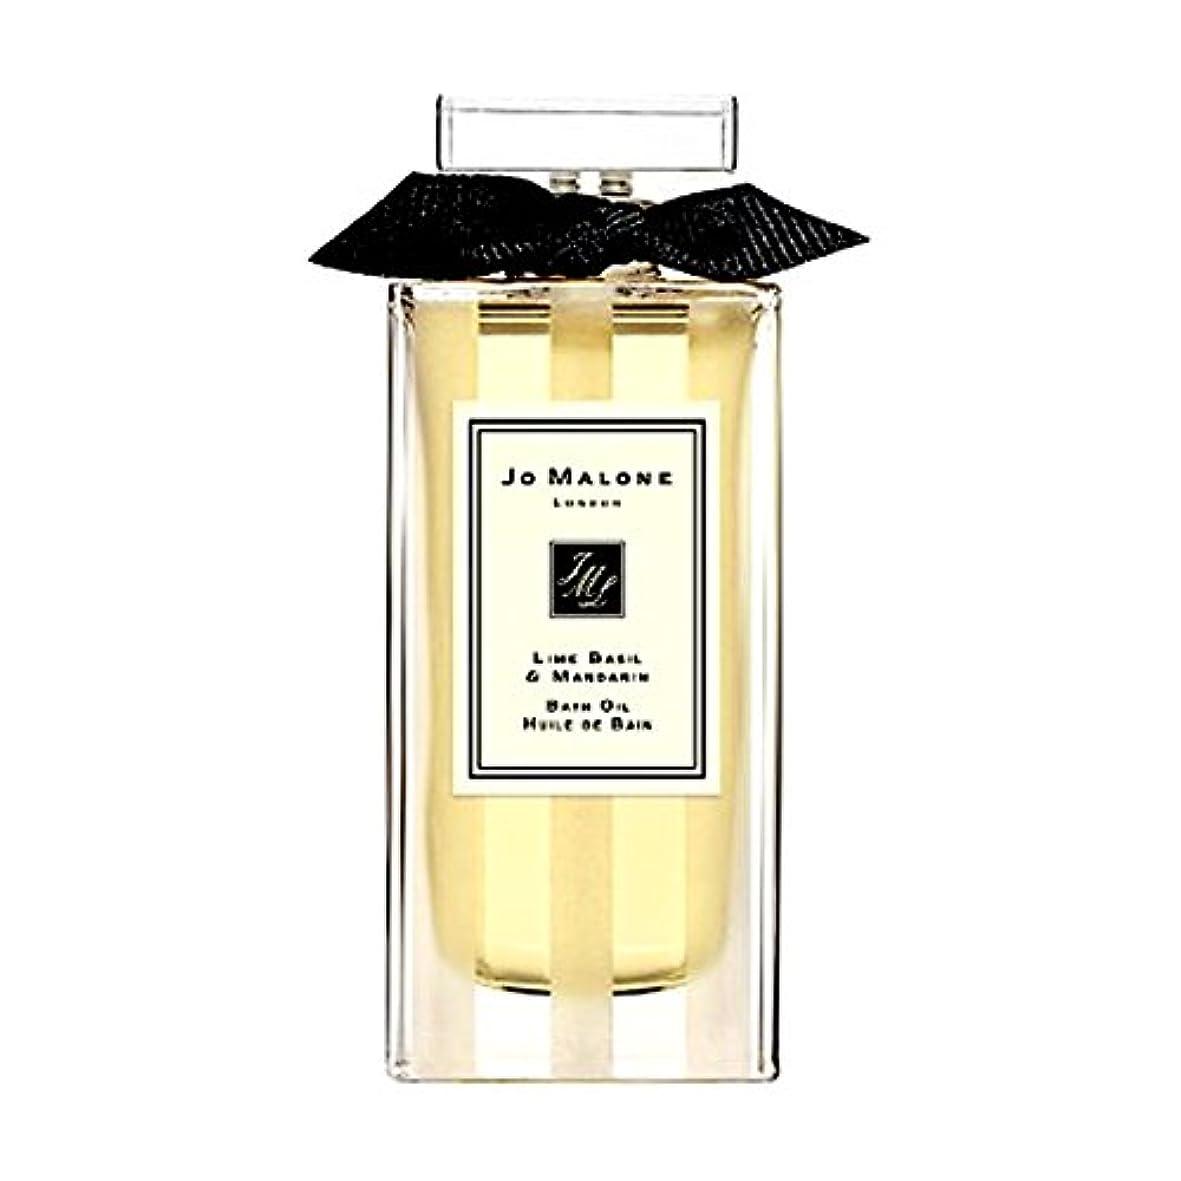 最初は解放と組むJo Maloneジョーマローン, バスオイル -ライムバジル&マンダリン (30ml),' Lime Basil & Mandarin' Bath Oil (1oz) [海外直送品] [並行輸入品]